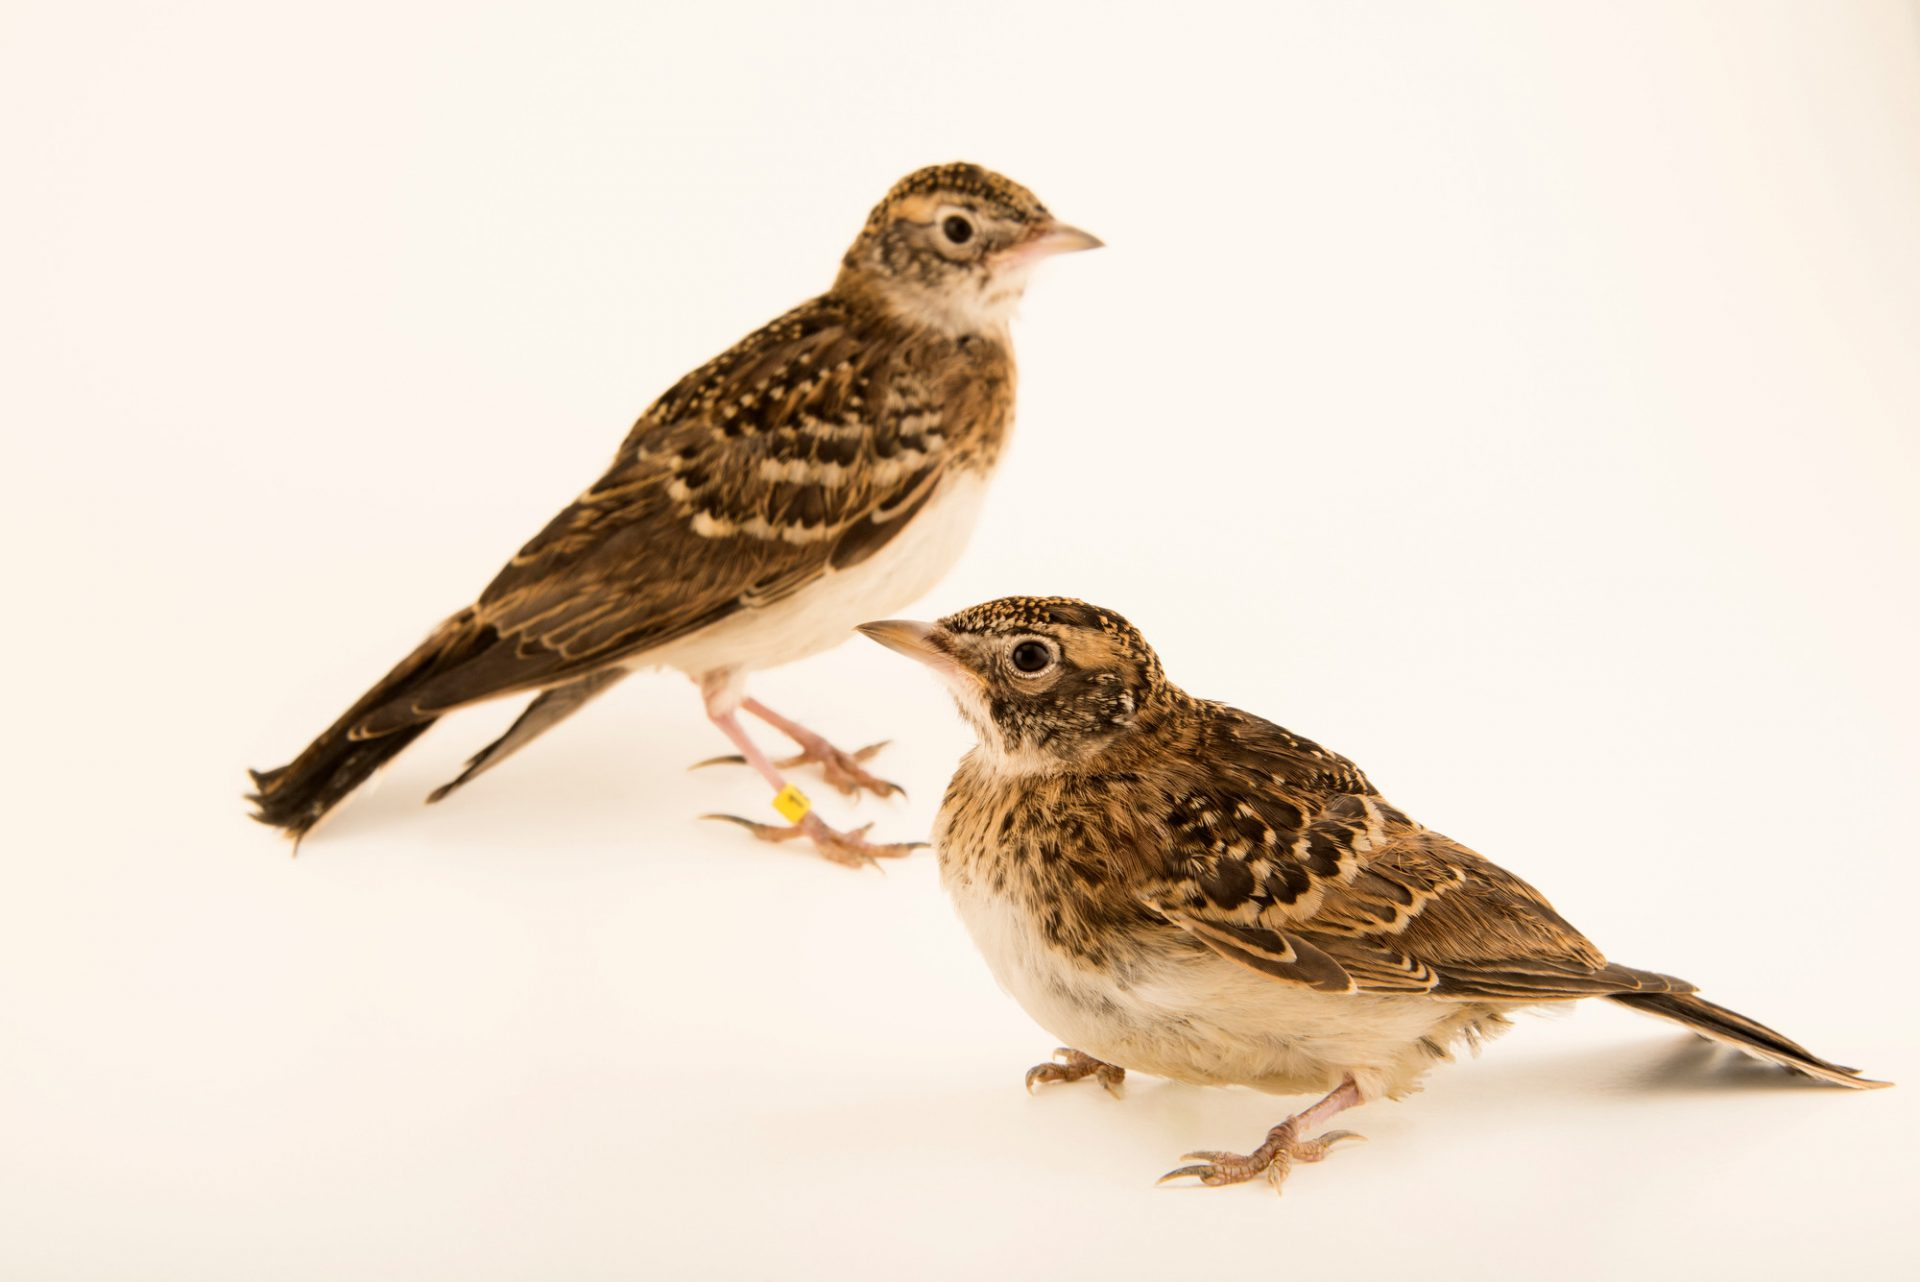 Photo: Horned lark chicks (Eremophila alpestris) at the Wildlife Rehabilitation Center in Roseville, Minnesota.